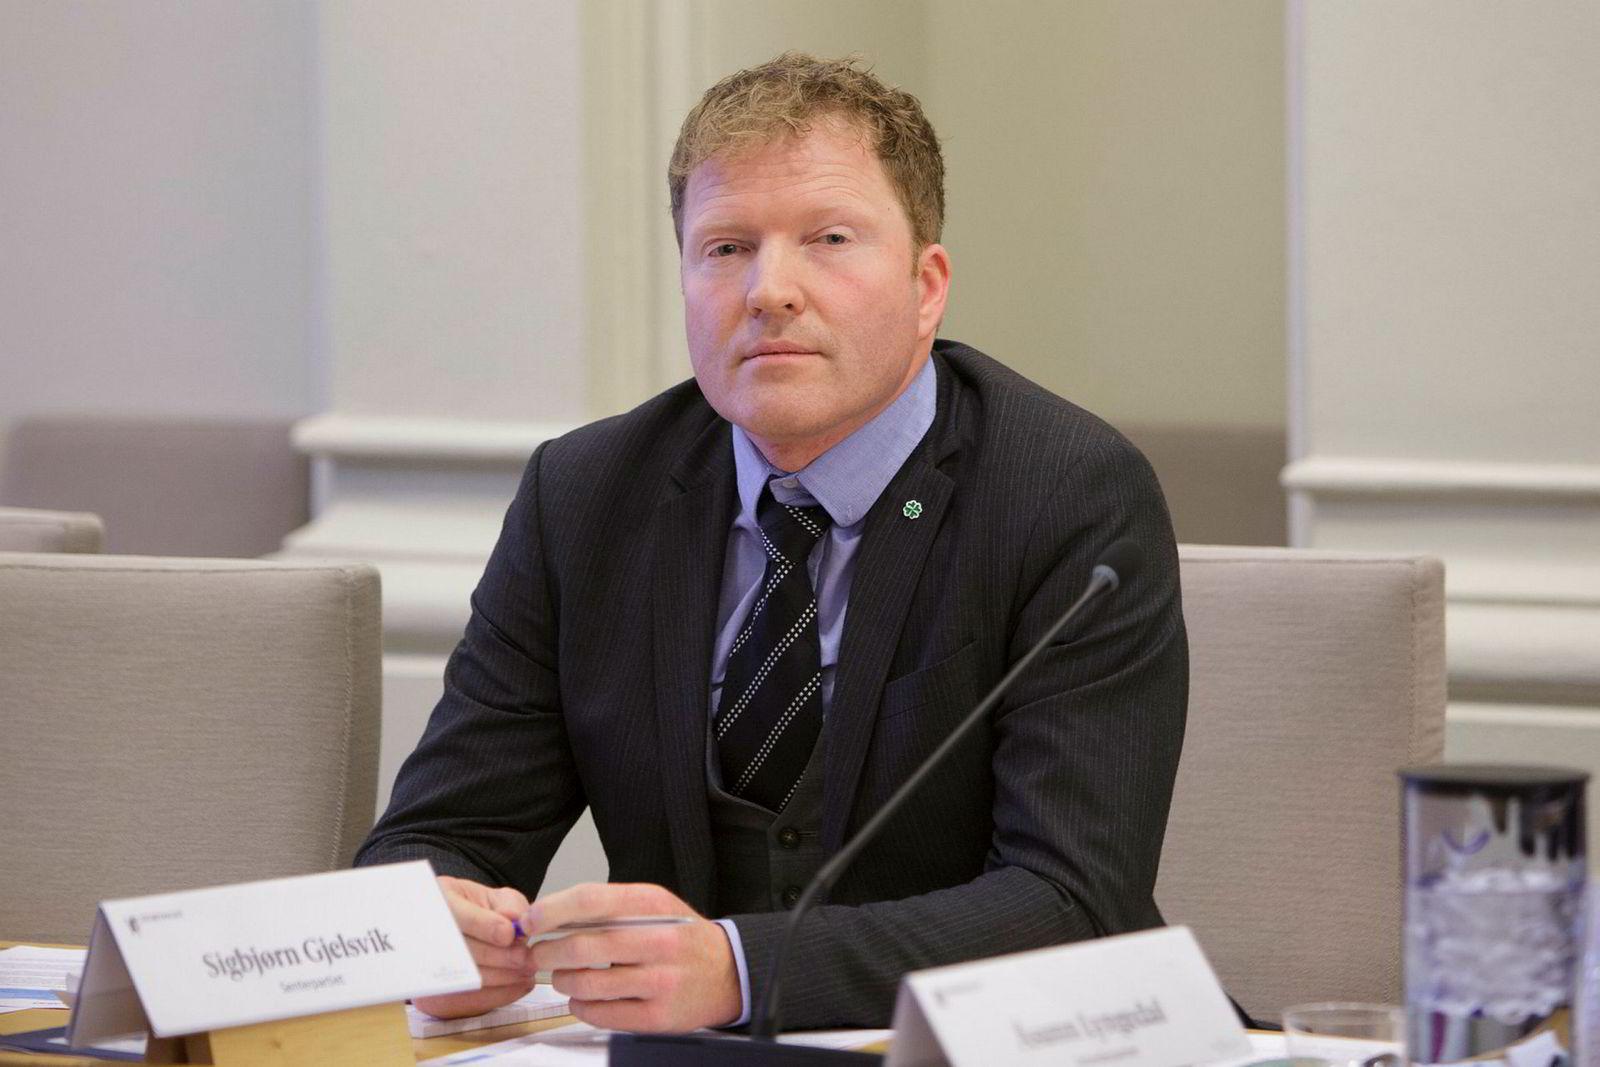 Sigbjørn Gjelsvik i Senterpartiet ber om en ny gjennomgåelse av saken.